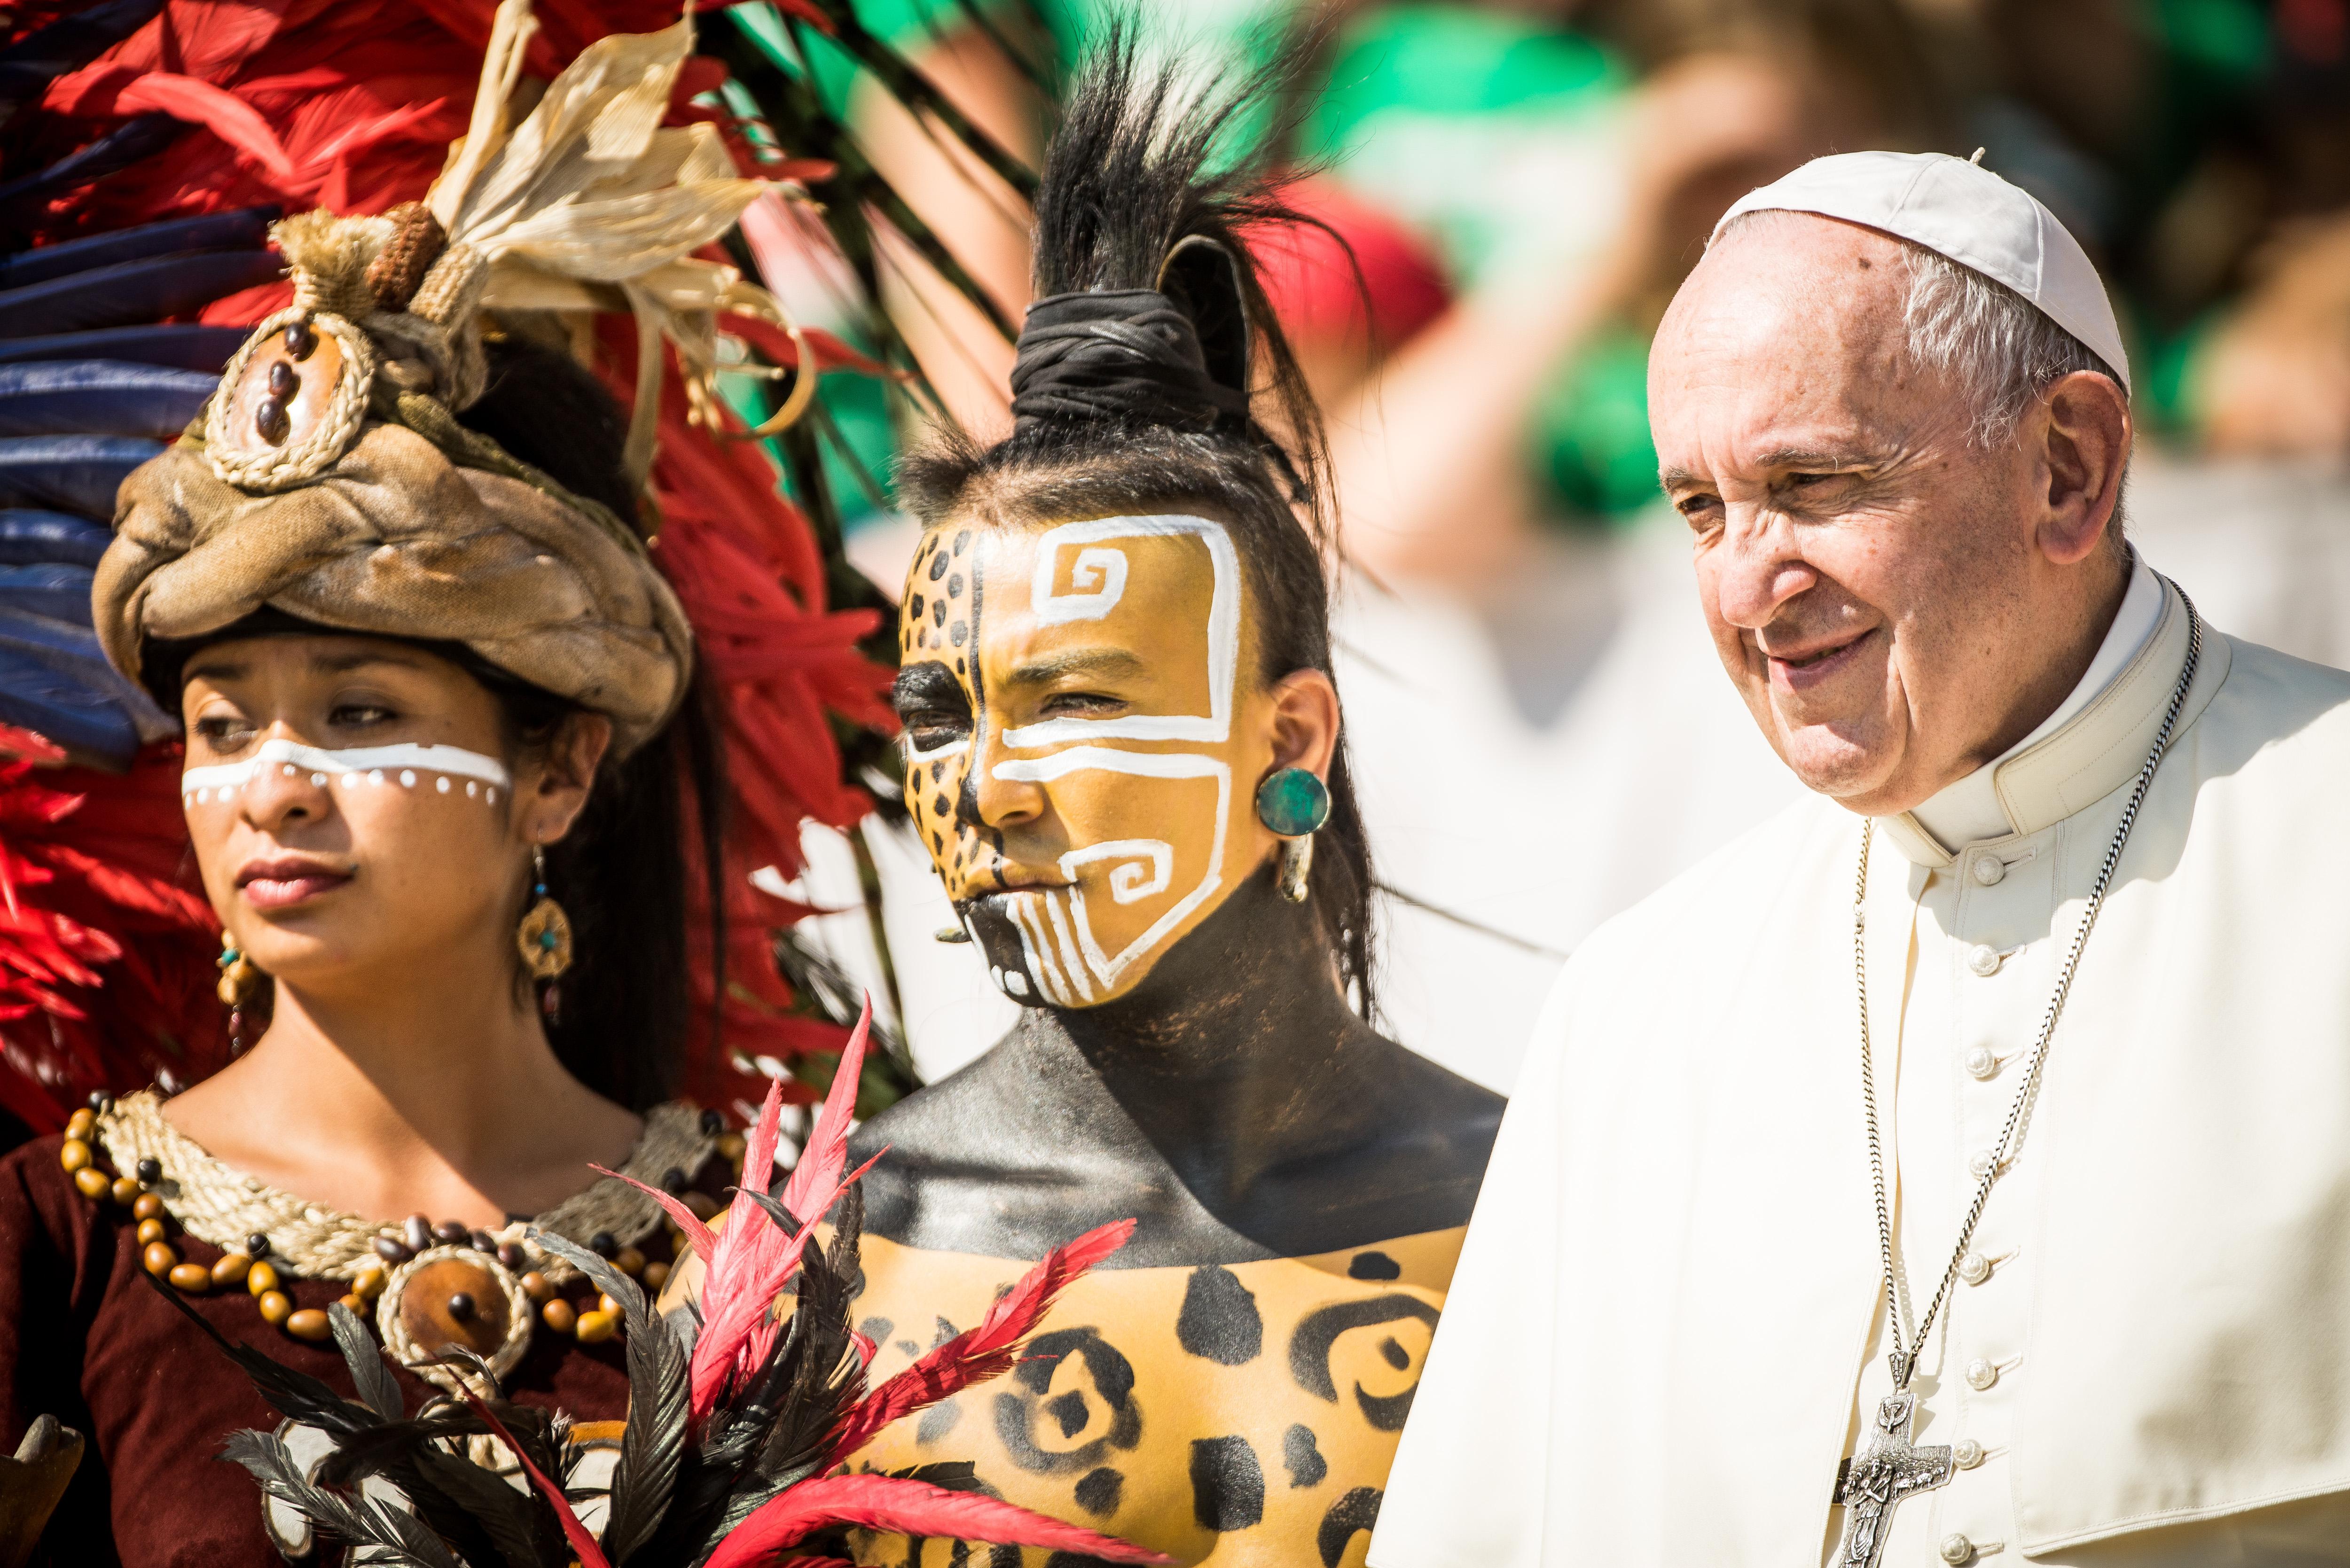 """Аудиенции във Ватикана, визити в Ирландия, Абу Даби, Мианмар, до пазар за сувенири до базиликата """"Свети Петър"""" в Рим - снимки на папа Франциск от Ватикана и други точки на света"""